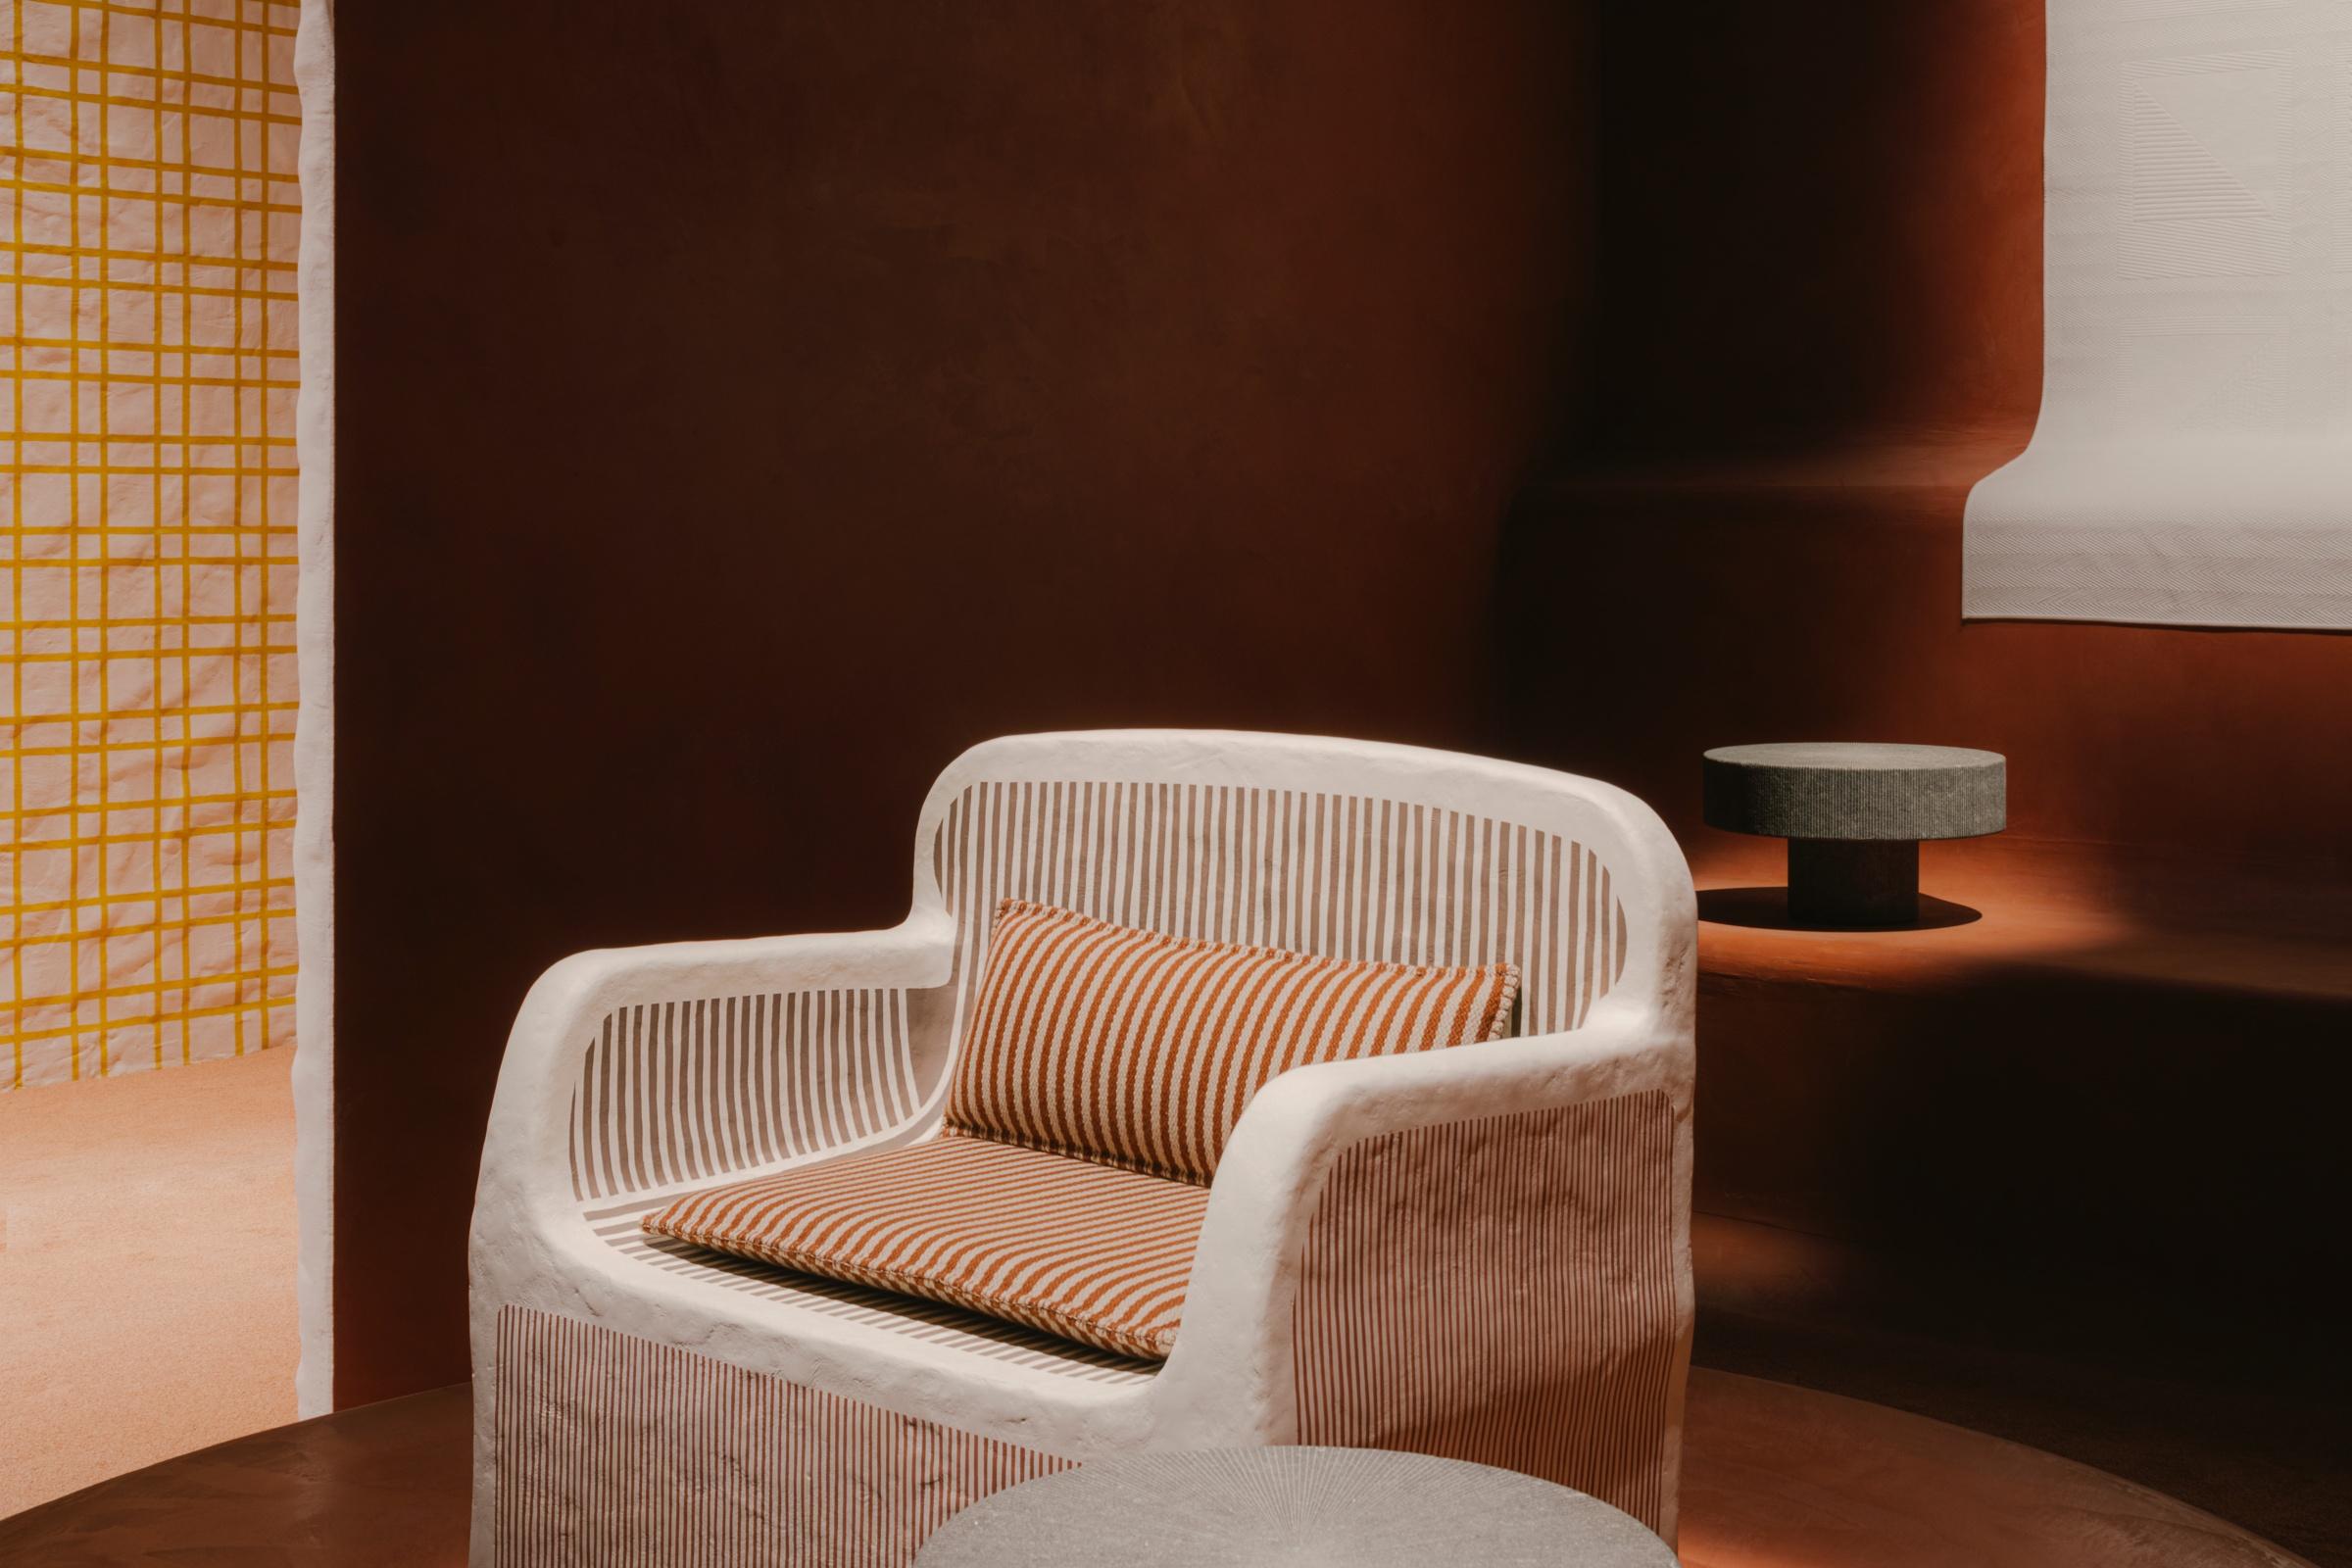 Ghế Sillaged' Hermès đi kèm đệm ngồi và đệm lưng dệt từ vải cashmere - chất liệu cao cấp nhất trong thời trang và ứng dụng nội thất. Chi tiết gỗ được hoàn thiện với vecni đánh tay tỉ mỉ.